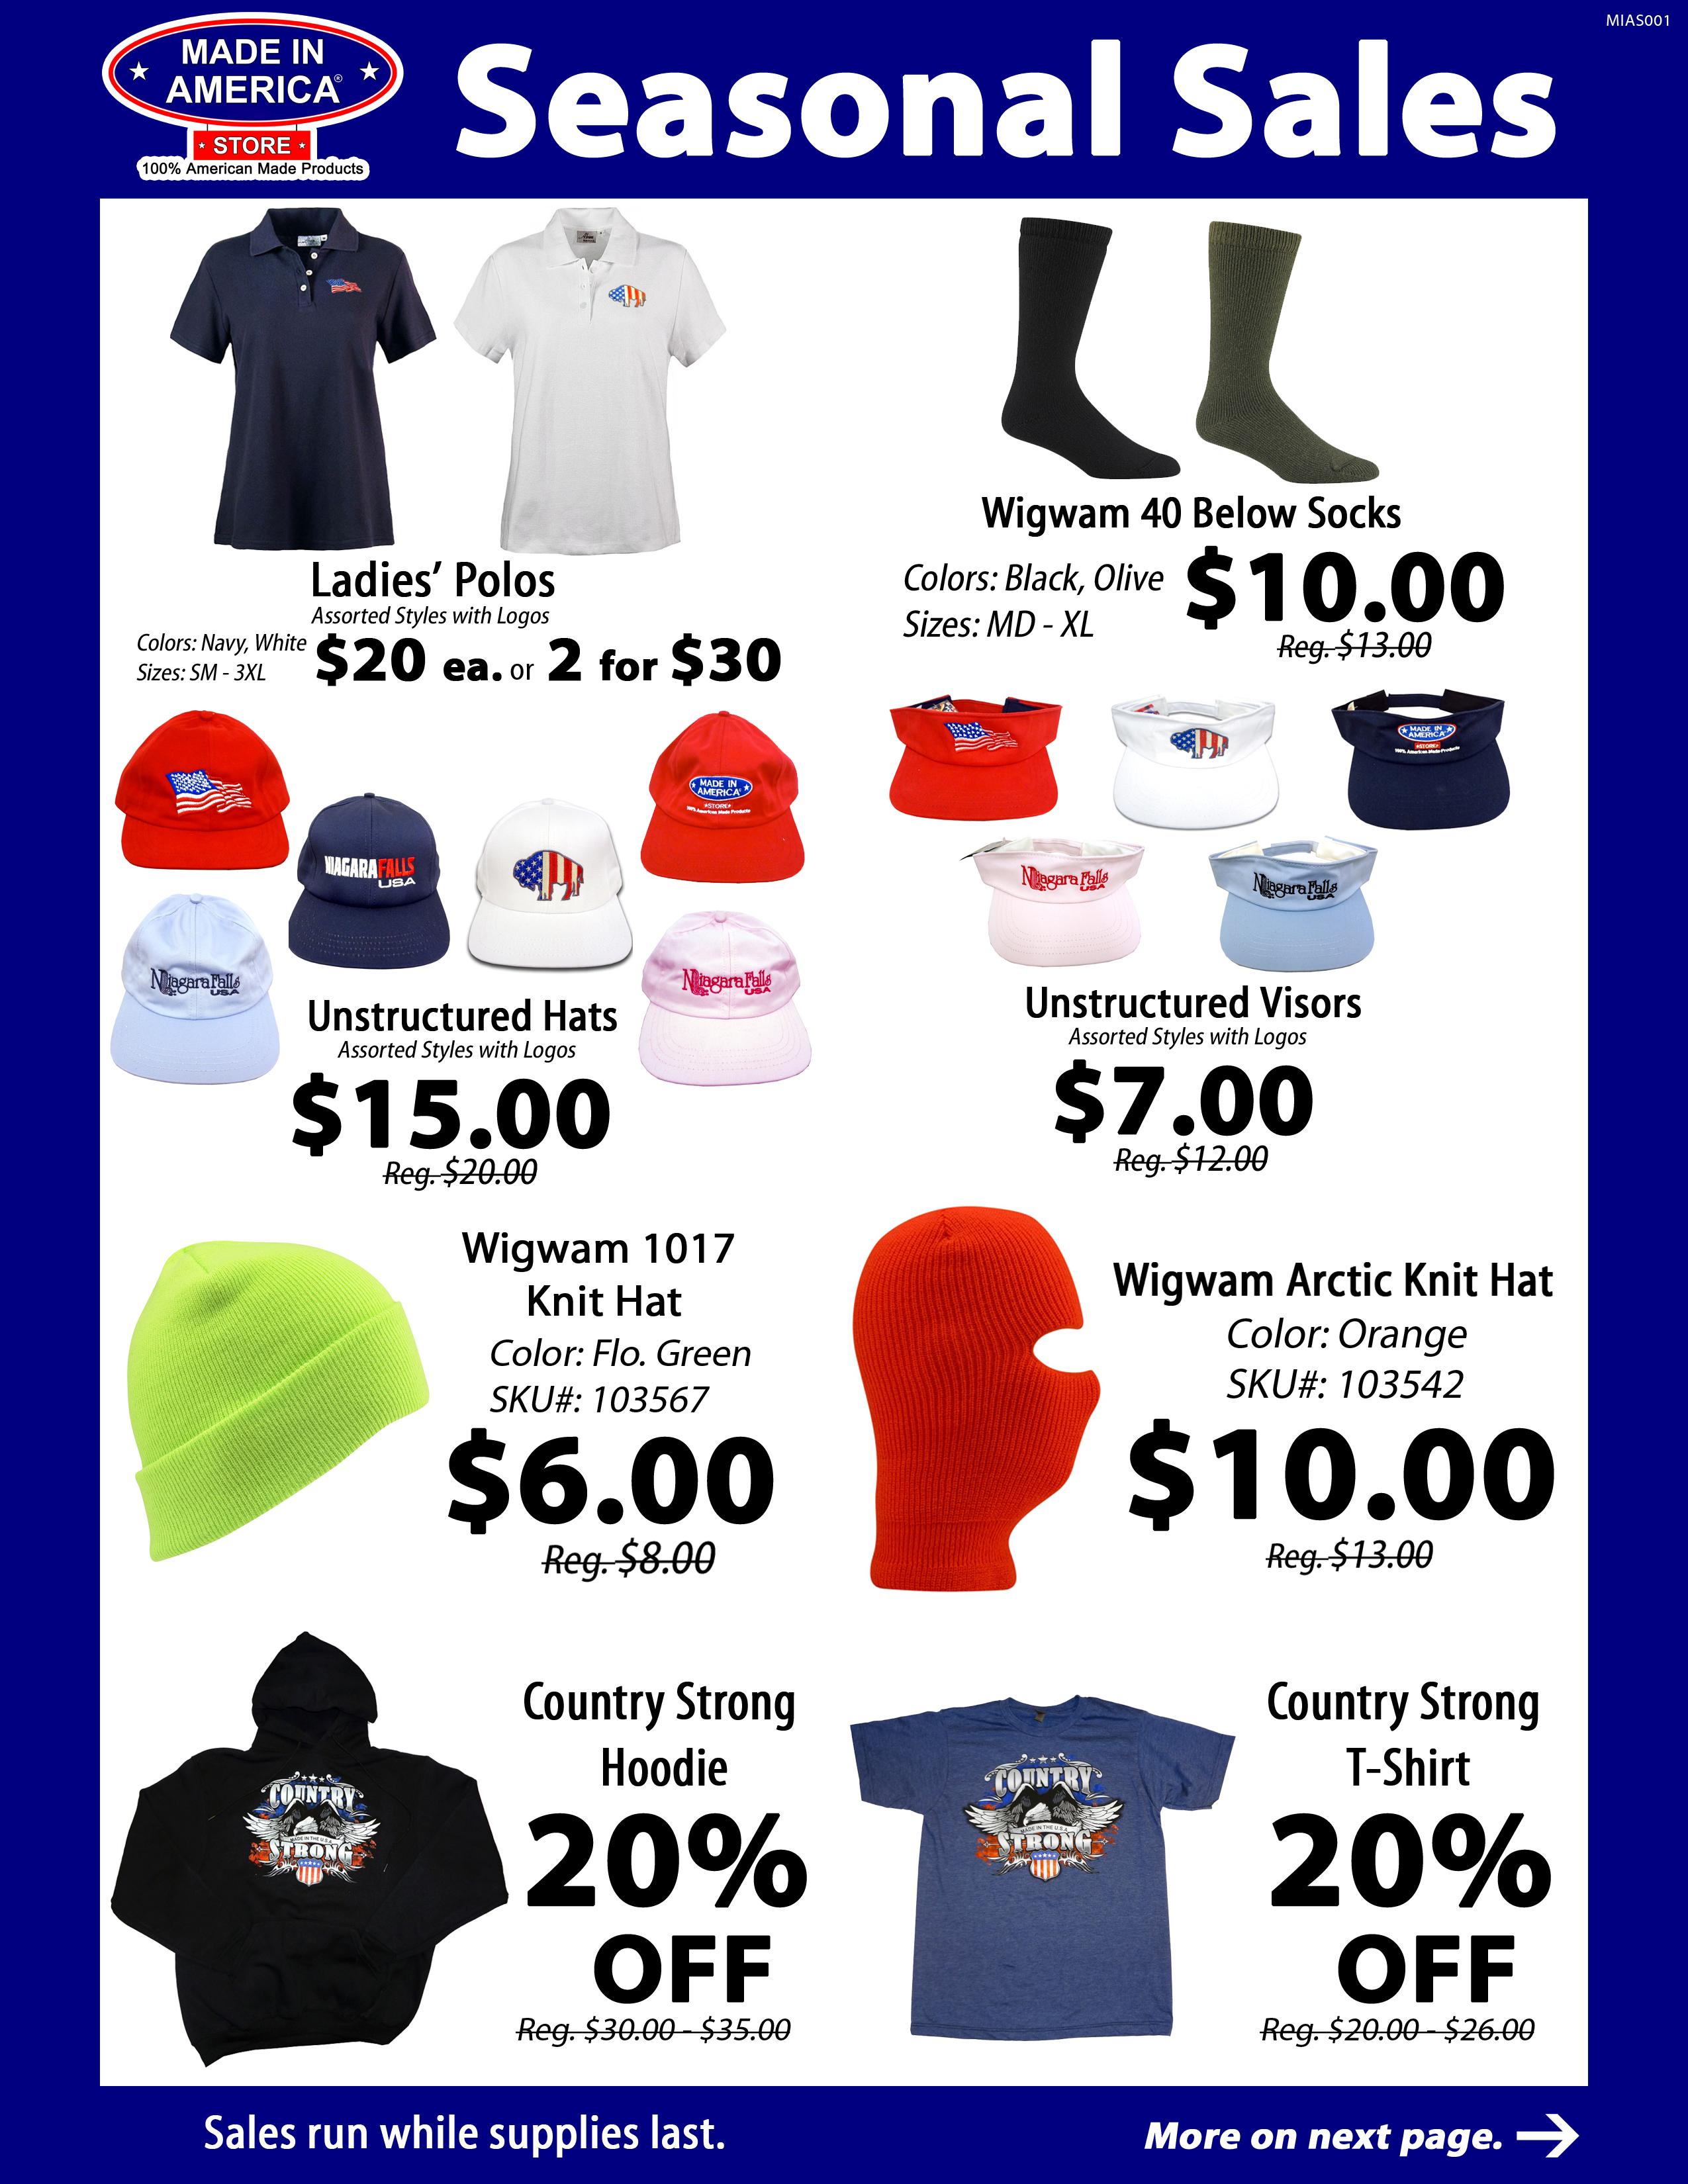 2020-seasonal-sales-flyer-winter-clothing.jpg